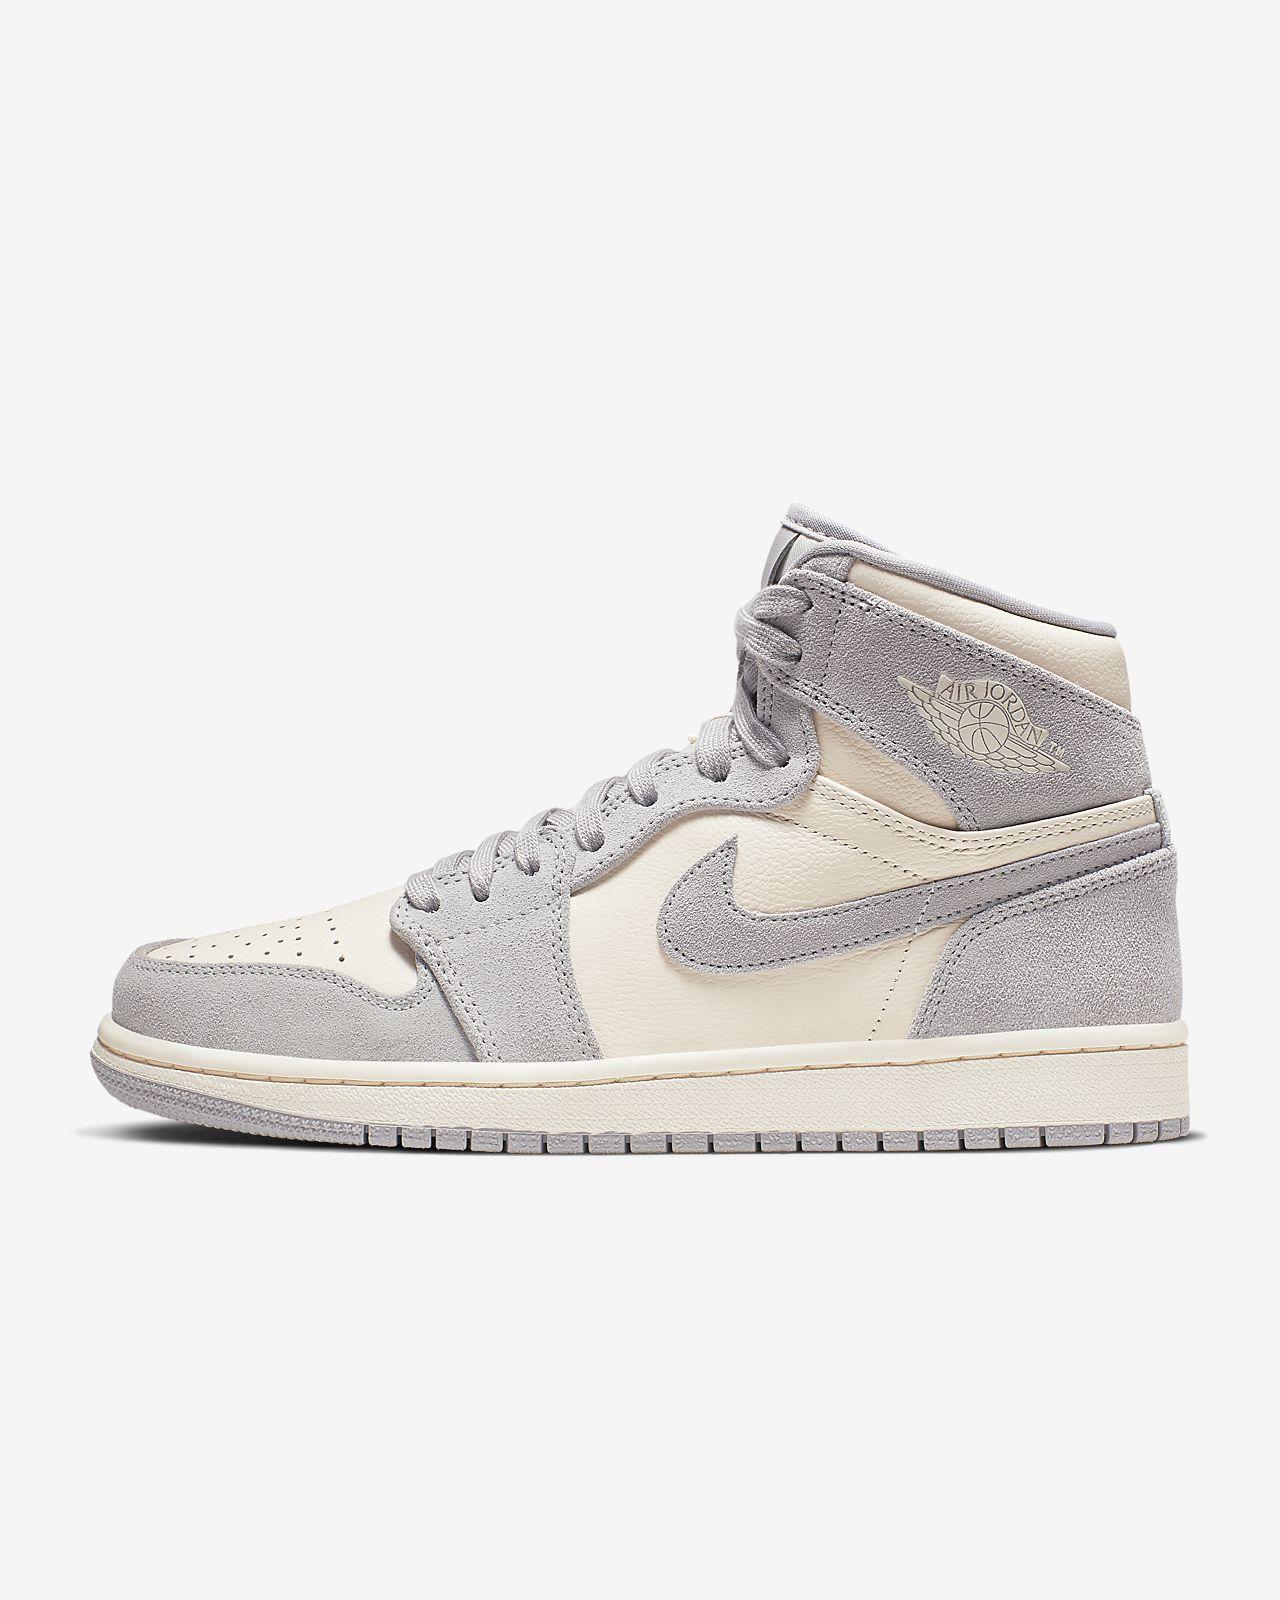 Air Jordan 1 Retro High Premium 女鞋